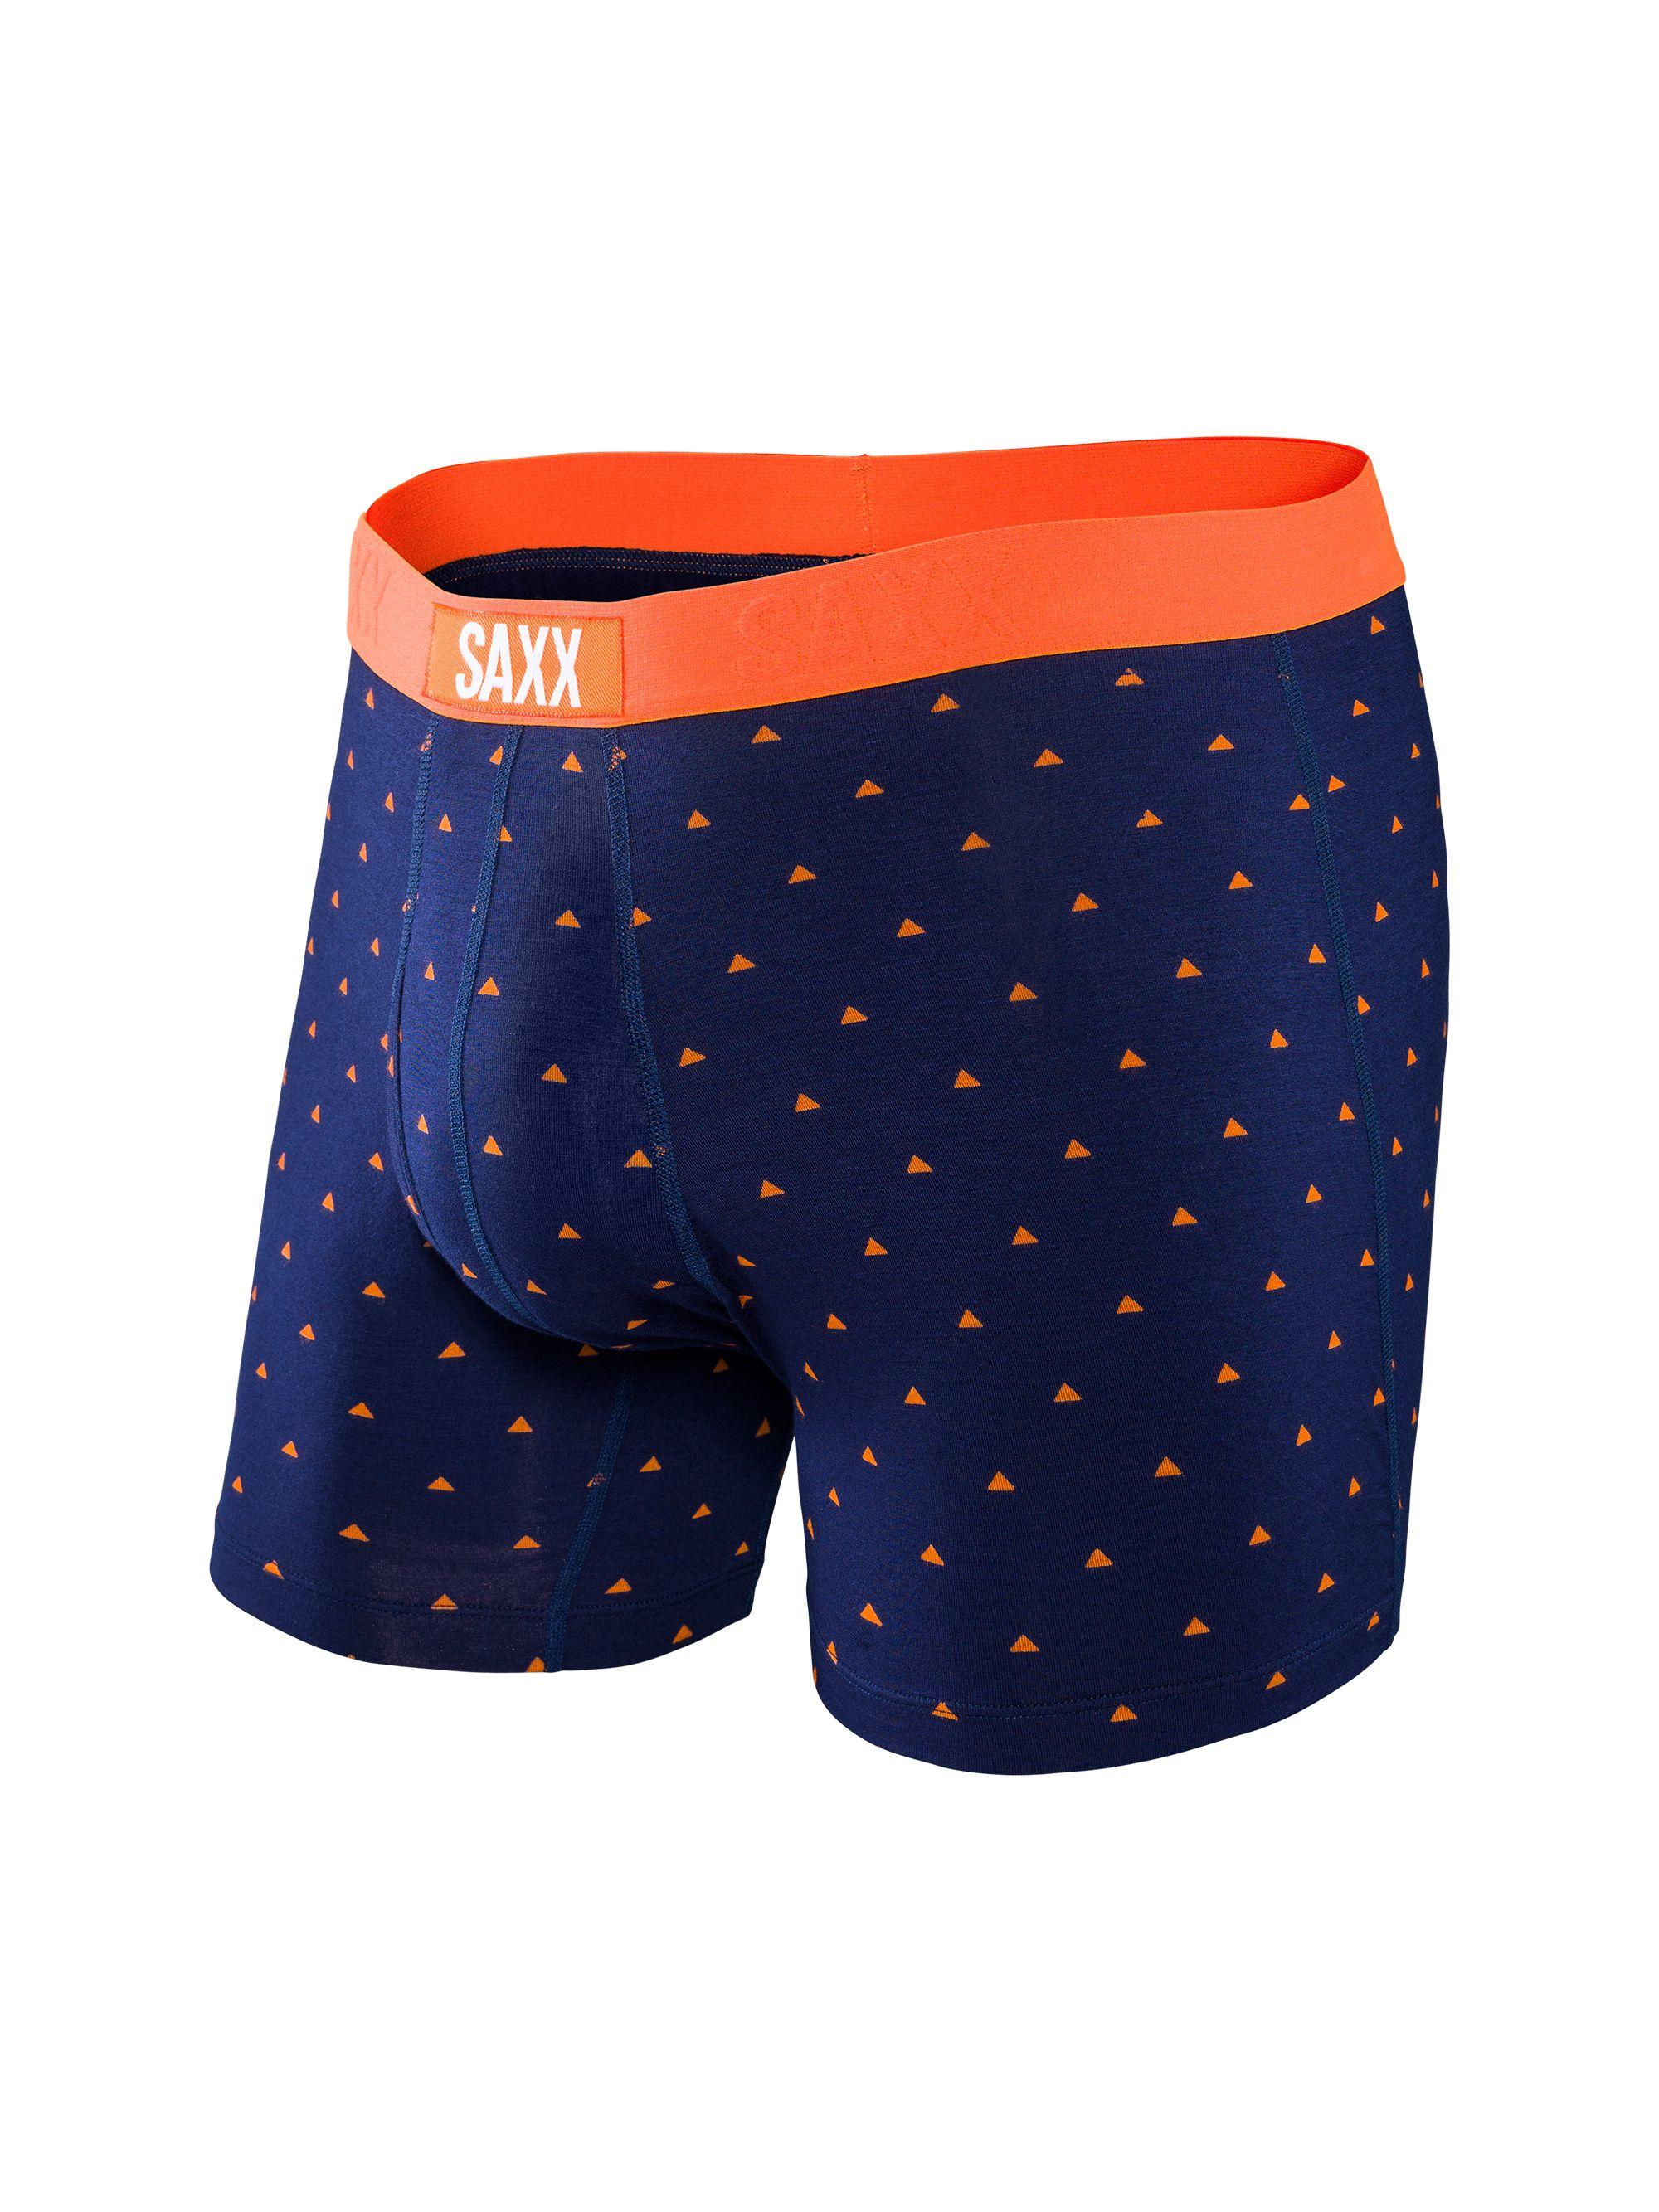 8f7f164662b SAXX Underwear Ultra Ziki www.saxxunderwear.com